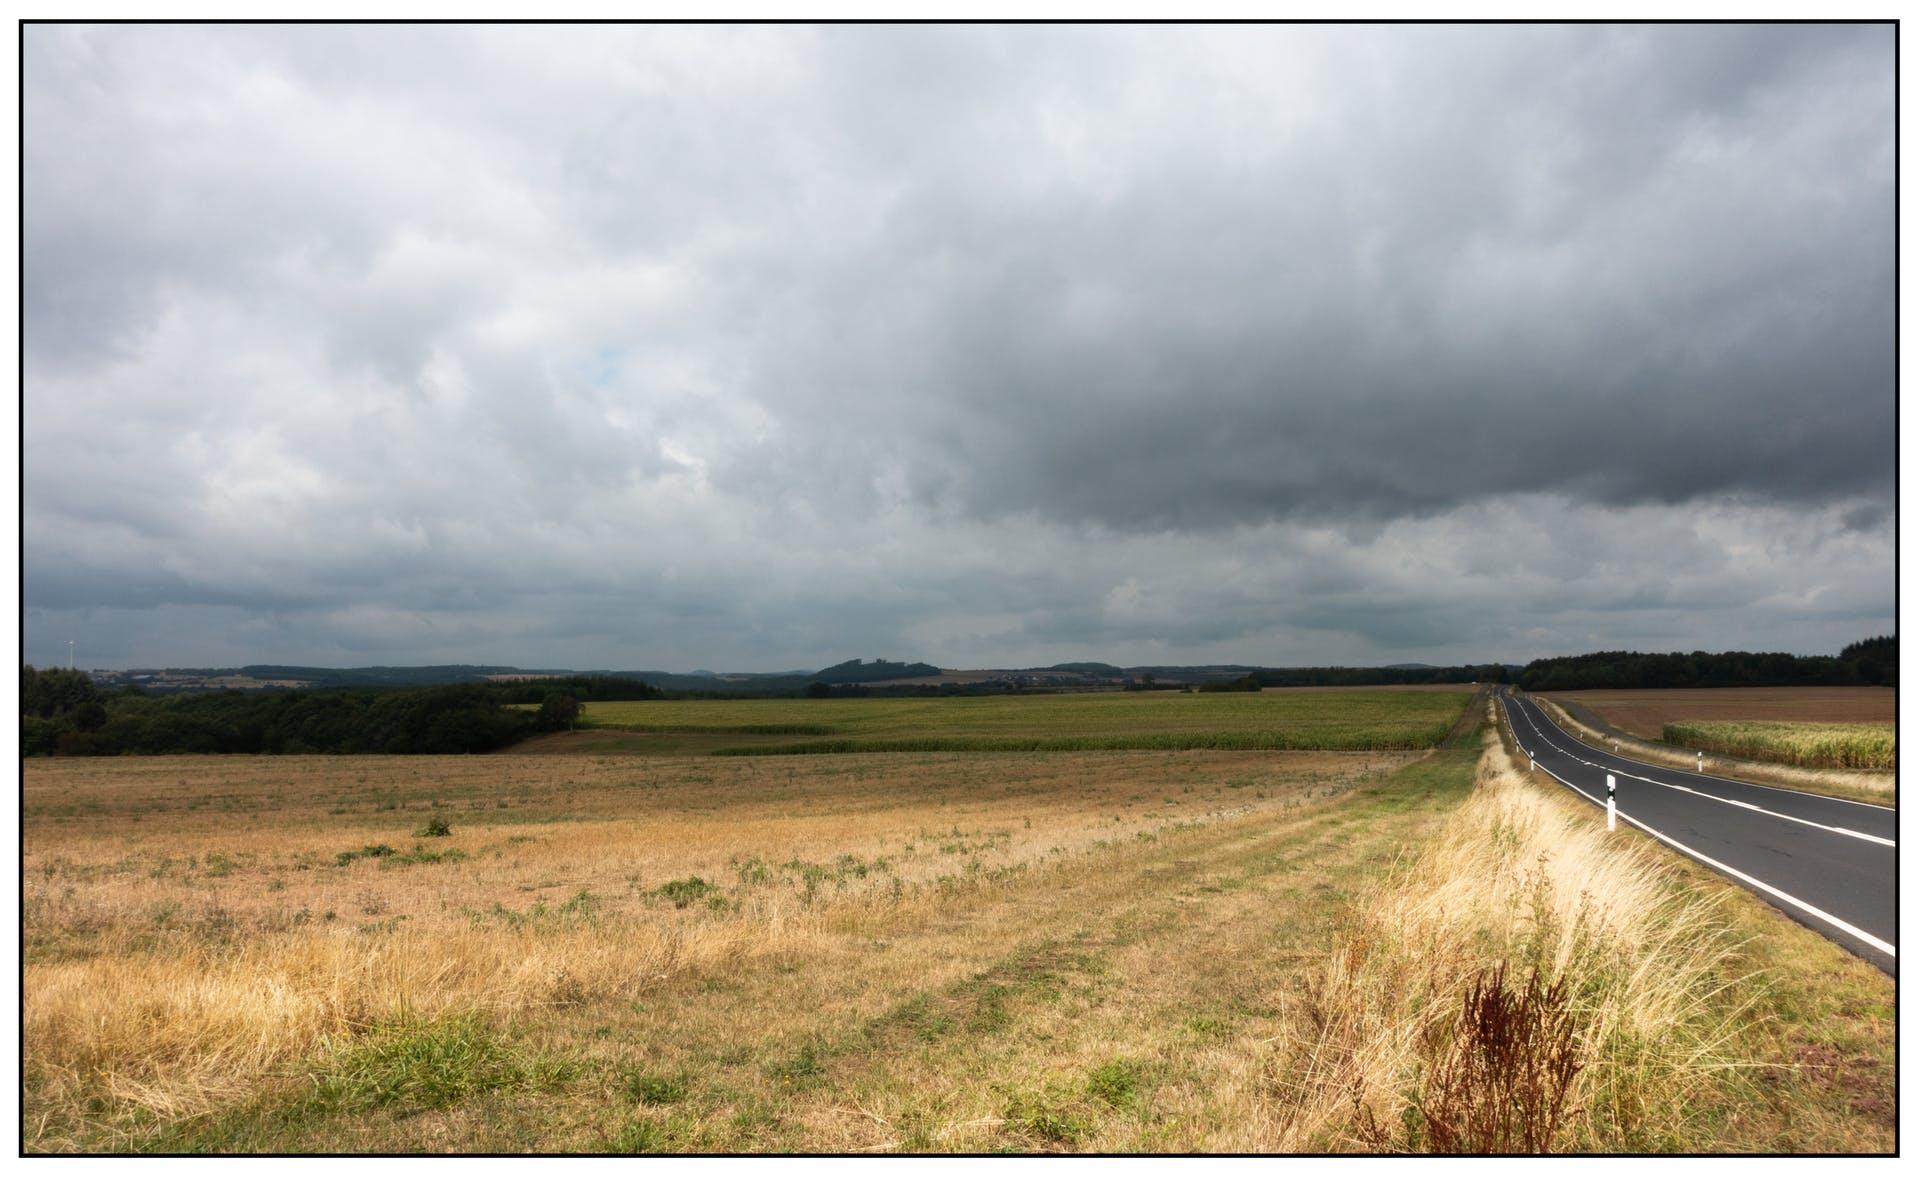 road travel fields kandscape landscape cloud road fields